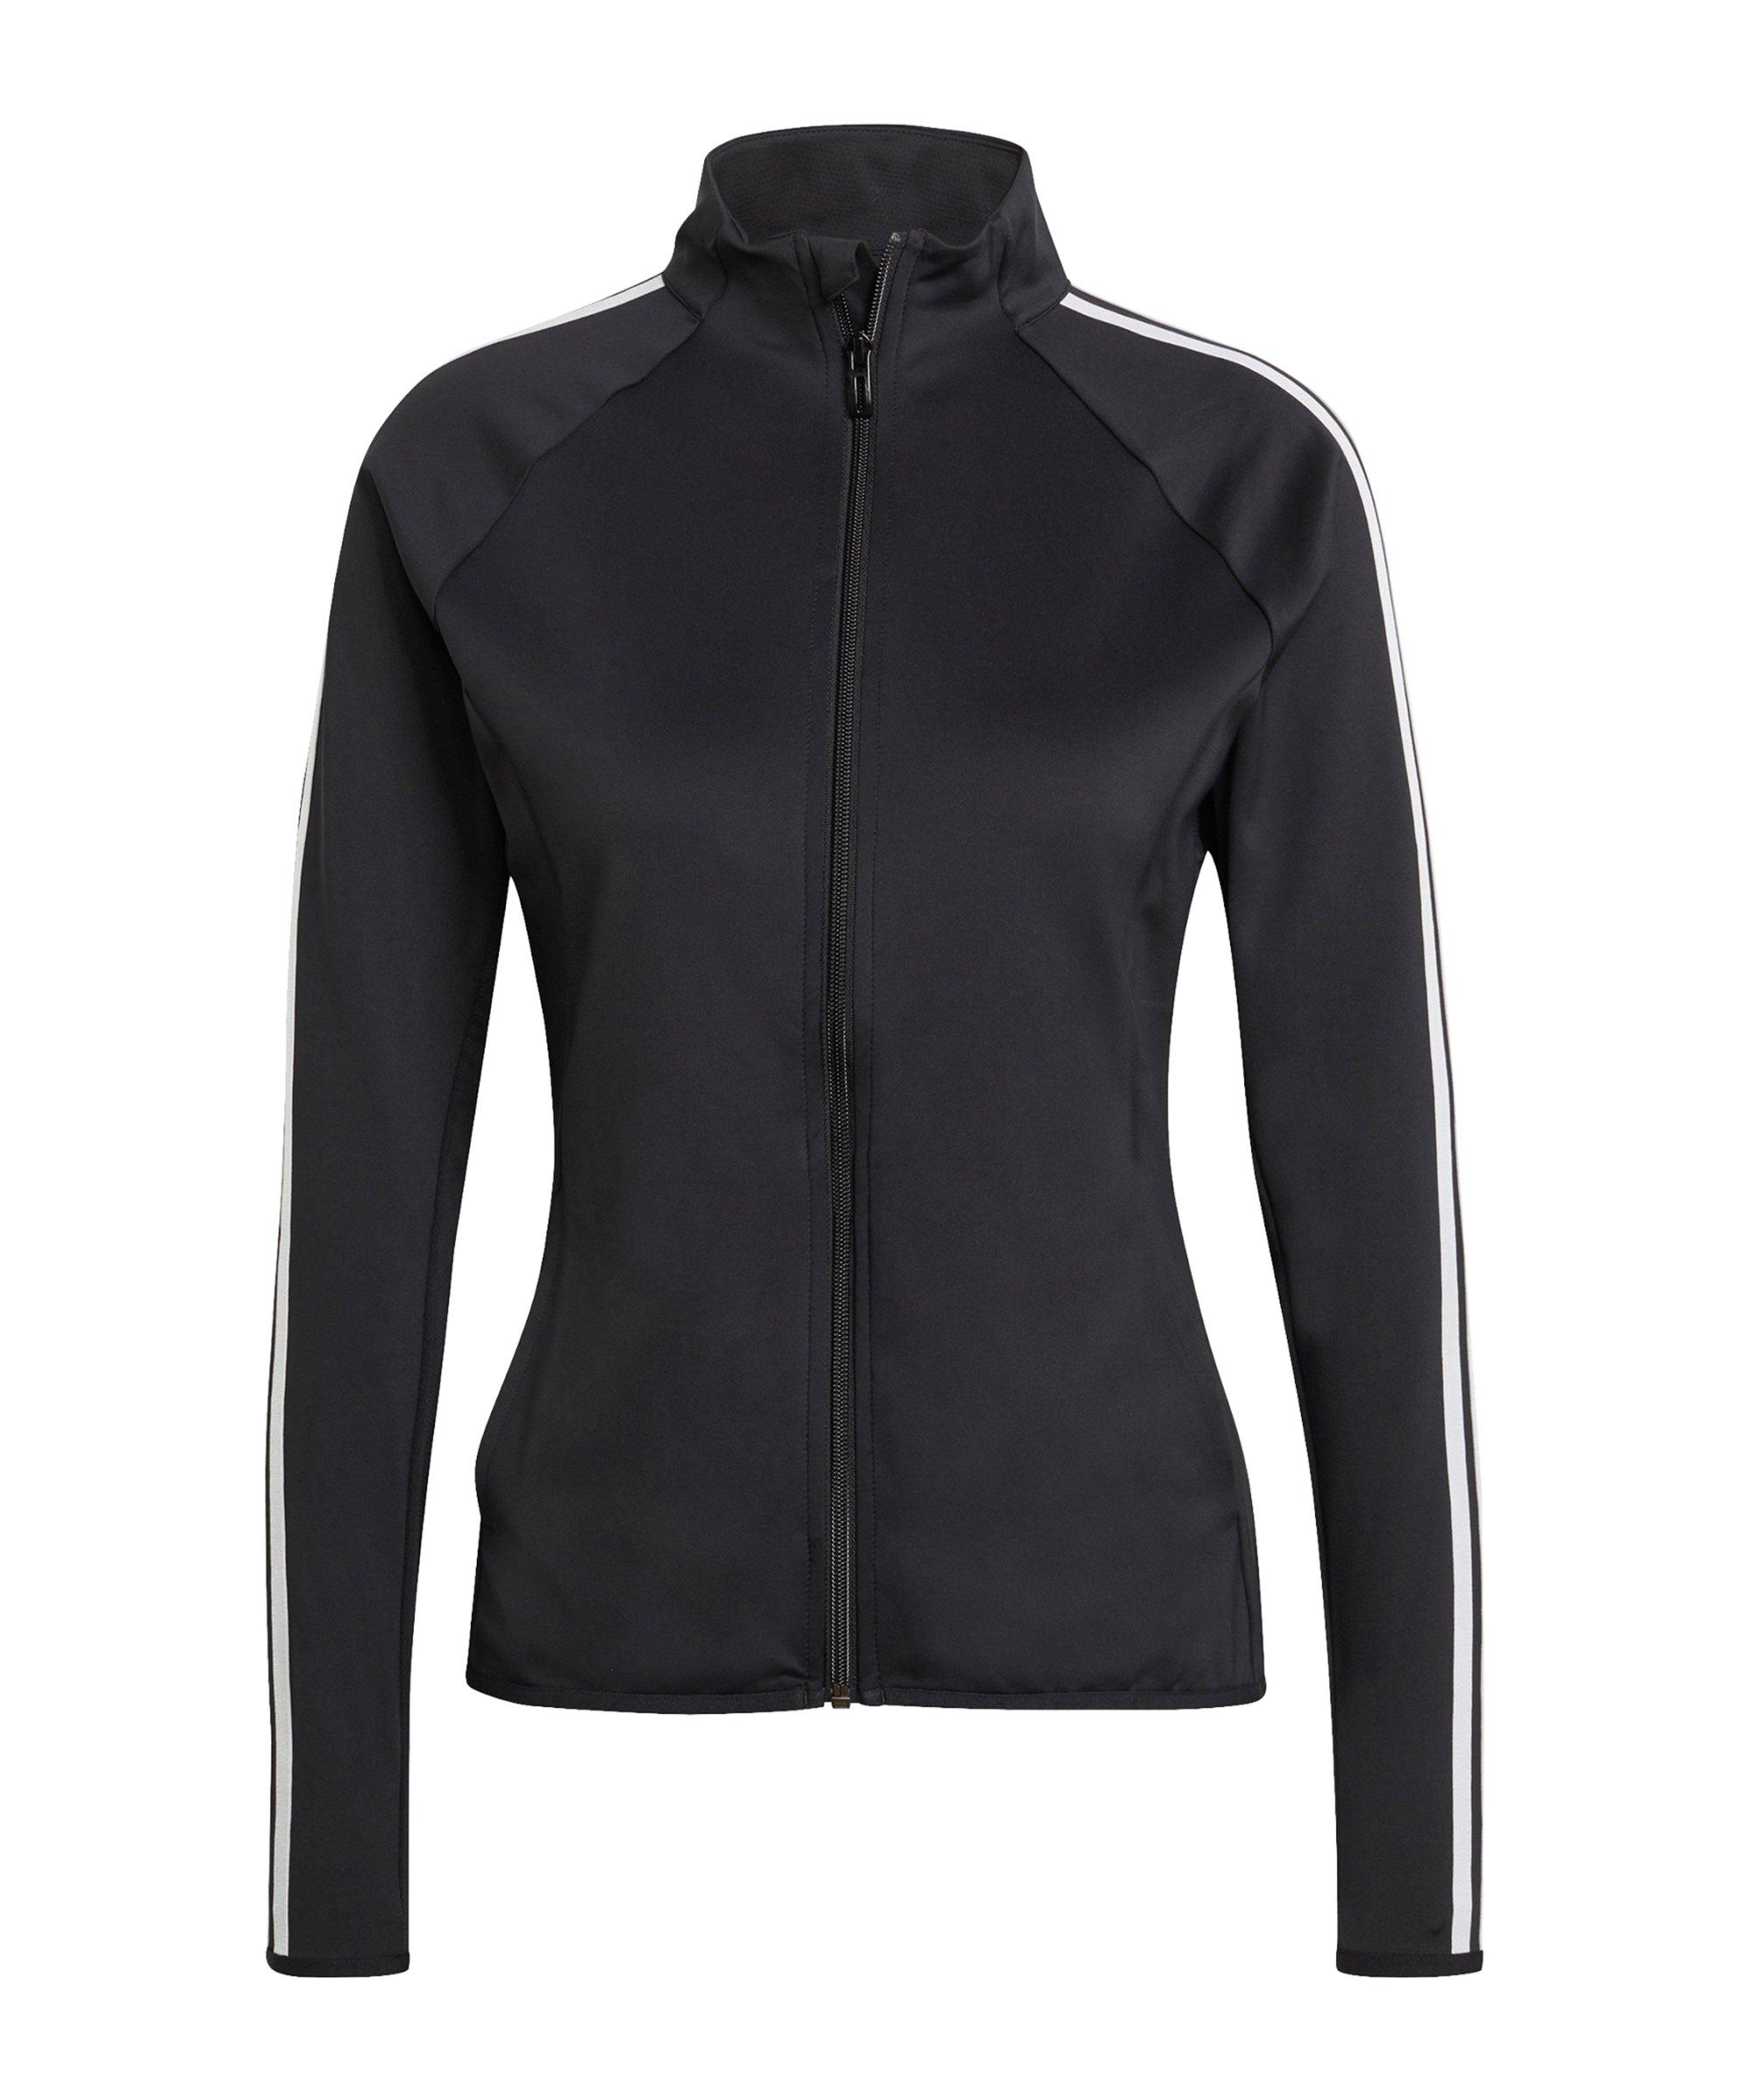 adidas 3S Trainingsjacke Damen Schwarz Weiss - schwarz